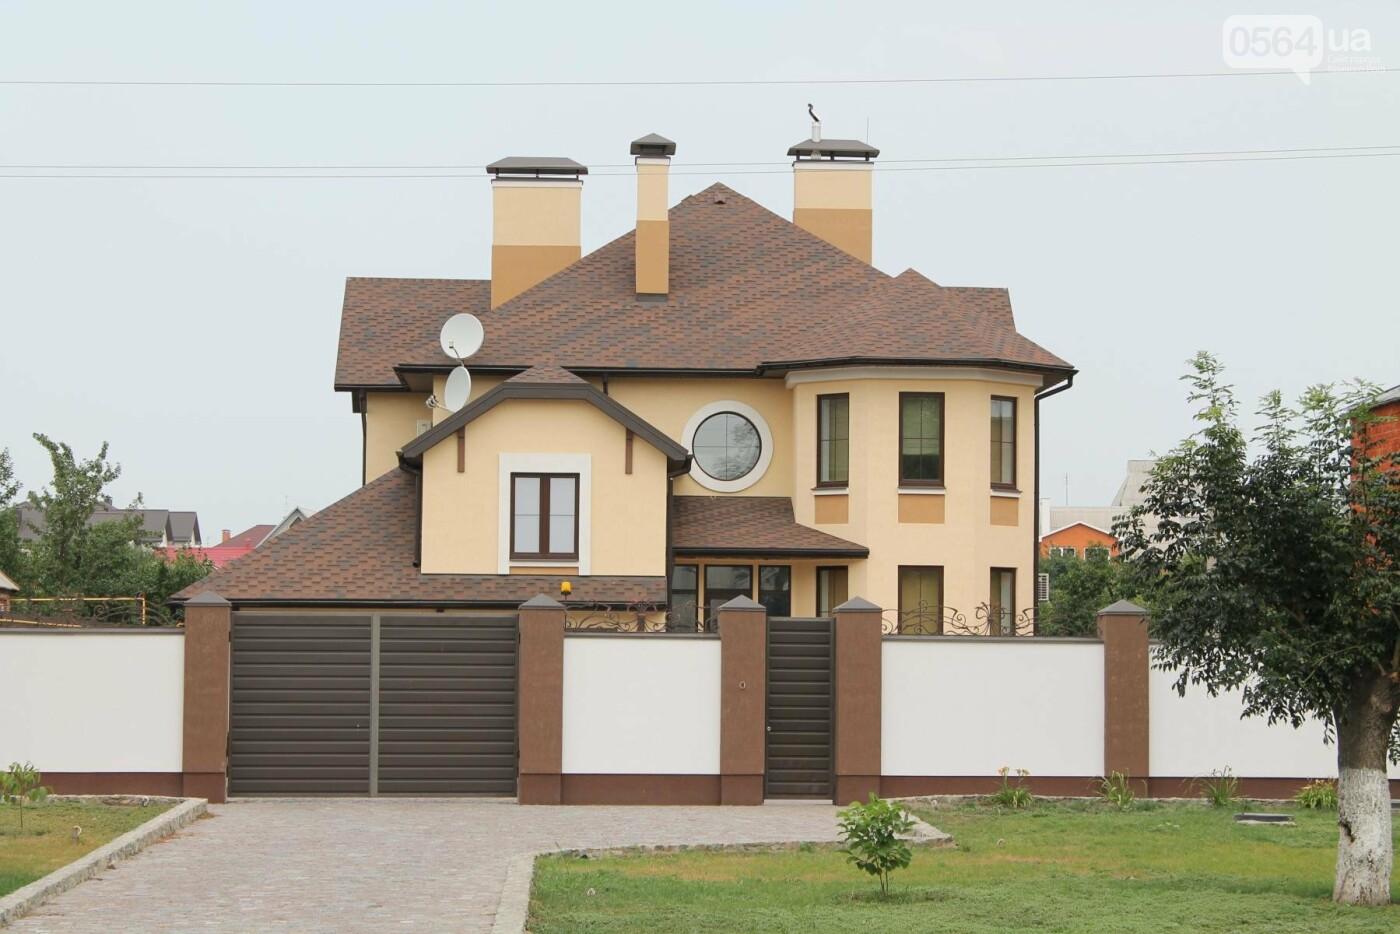 Сразу и навсегда: энергосберегающий дом с теплыми стенами из блоков UDK (ФОТО, ВИДЕО), фото-1